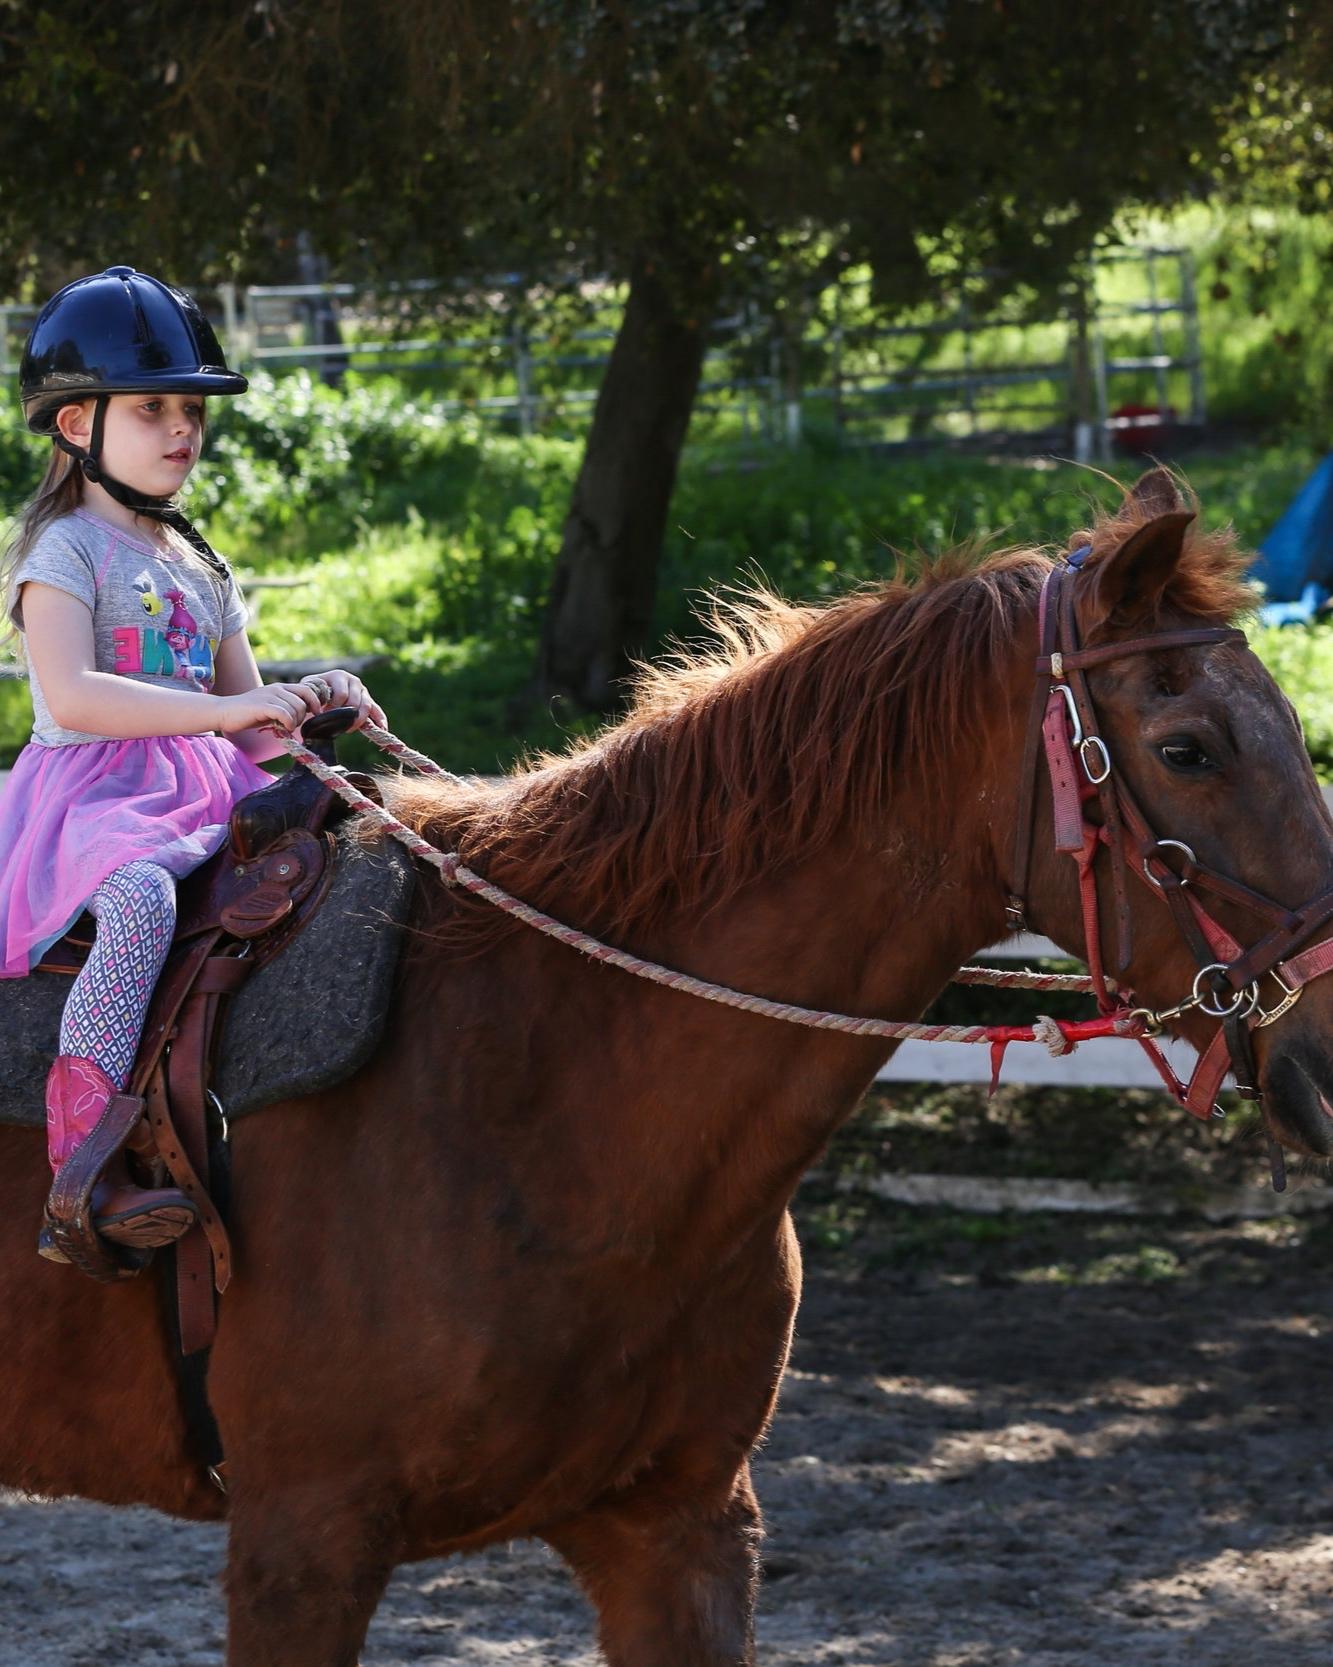 hidden+hills+ranch+horsecamp